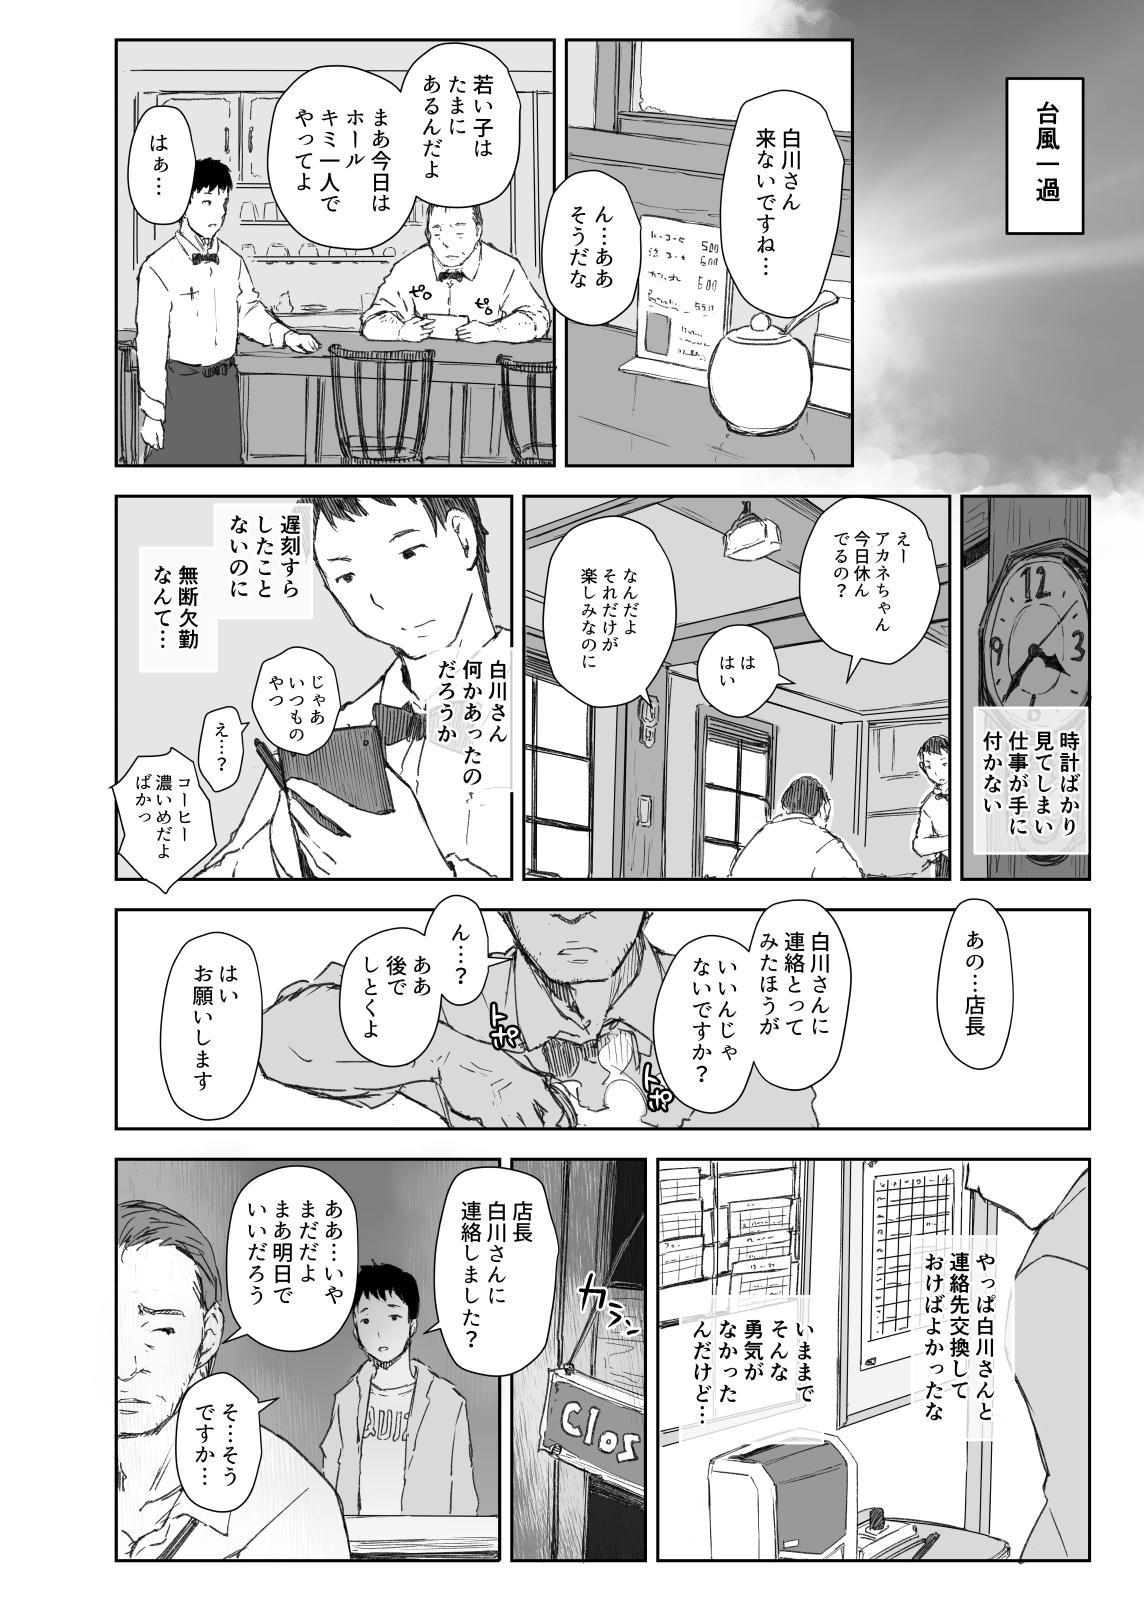 Shortcut de Megane no Niau Hitonatsukoi Beit no Kouhai ga Yarichin Douryou no Kuruma de Okurarete kara Mudankekkin Shiteiru + Omake 7